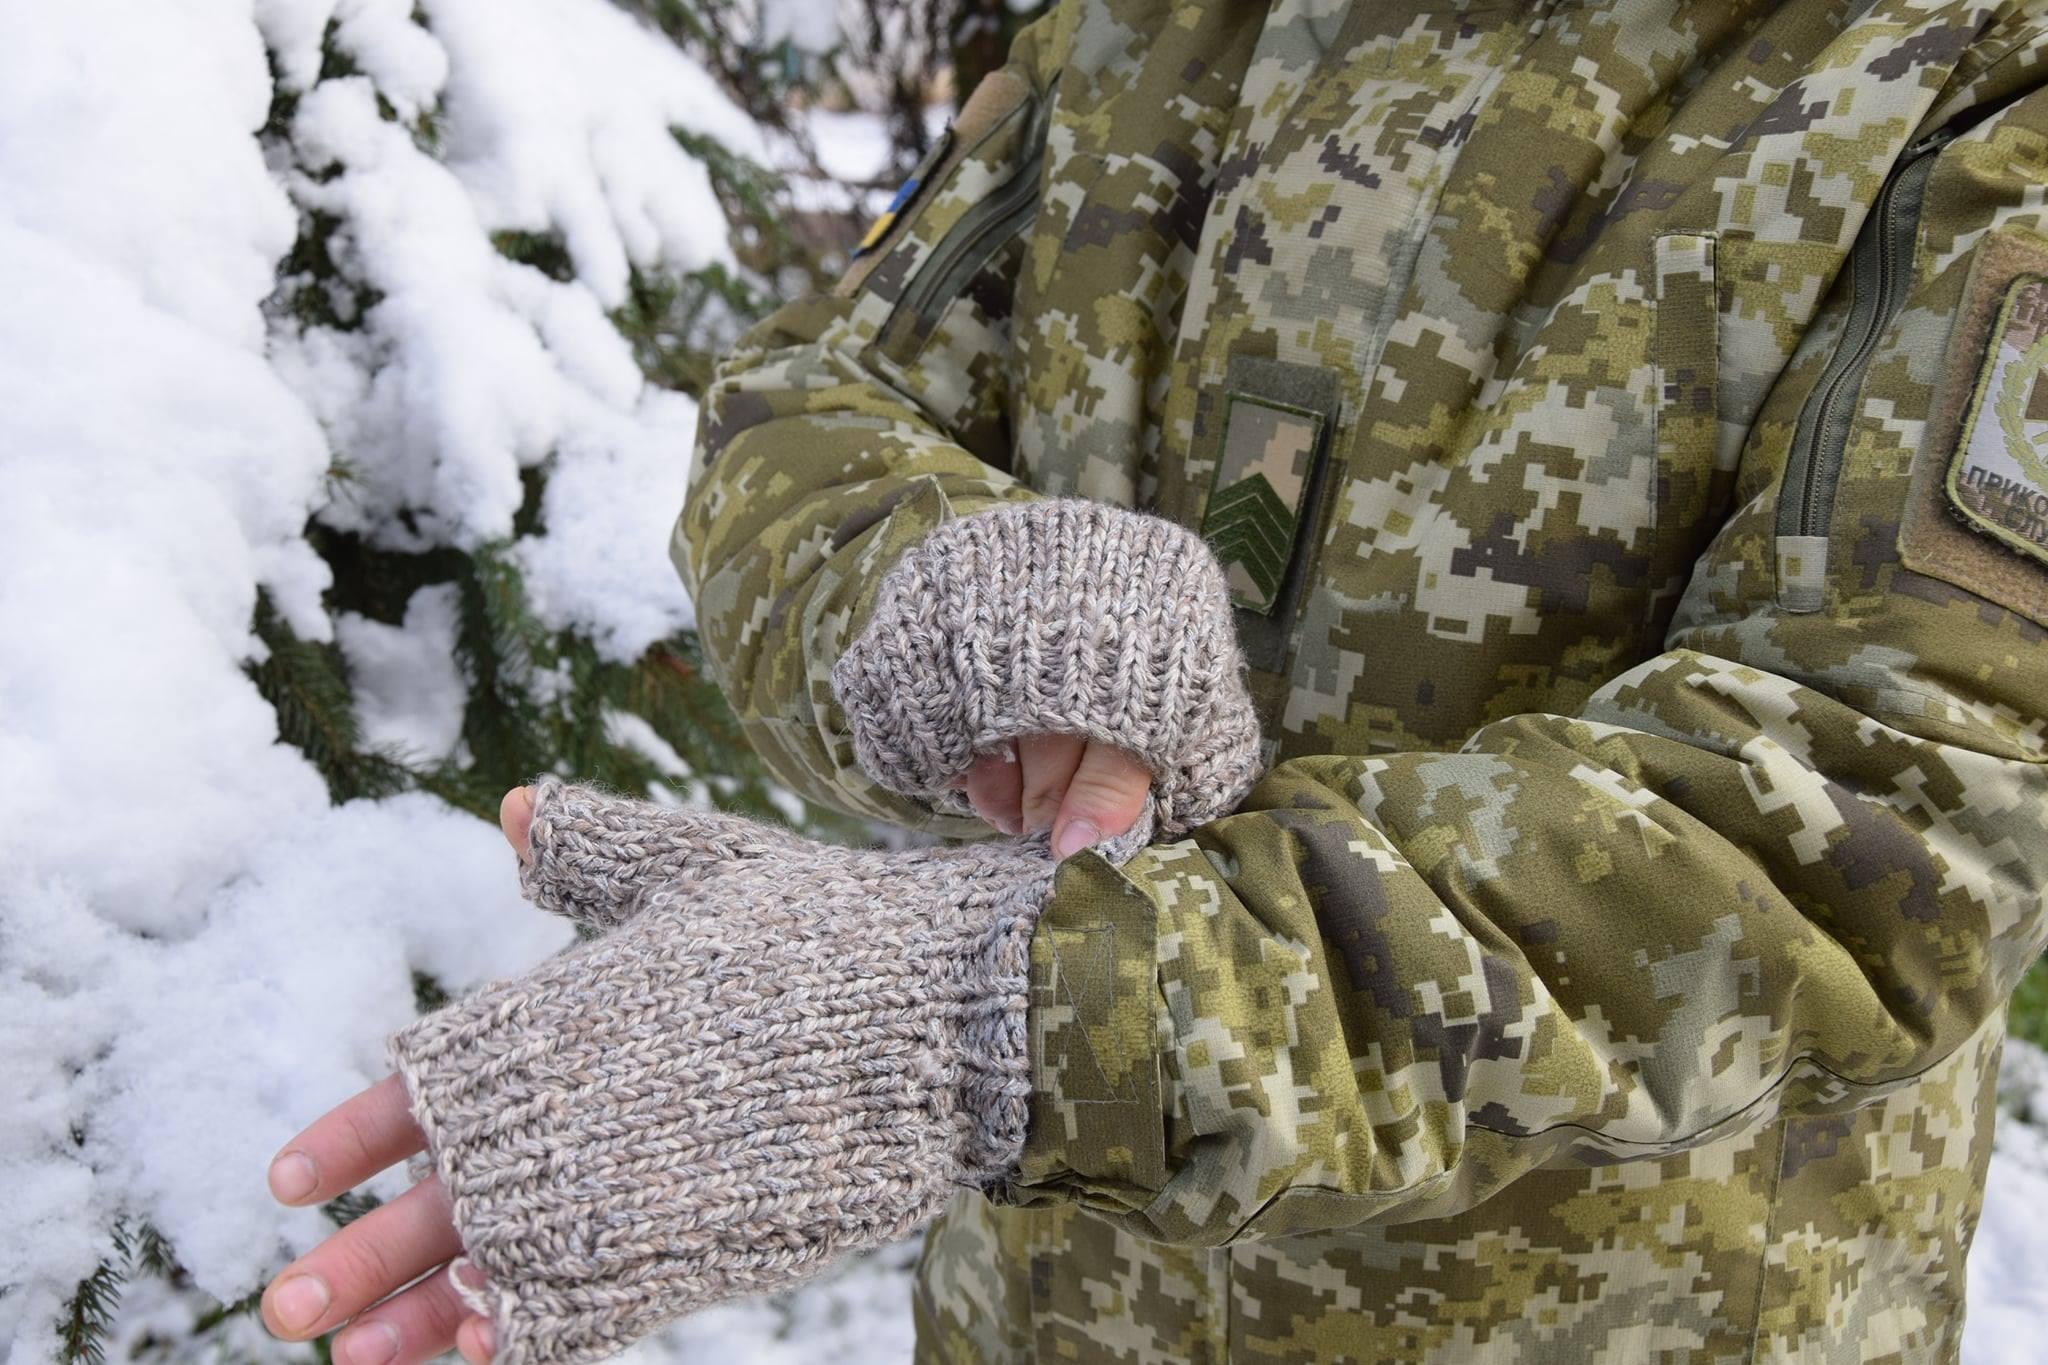 62-річна волонтерка, яка втратила зір ще у дитинстві, вже 6 років в'яже рукавички захисникам України